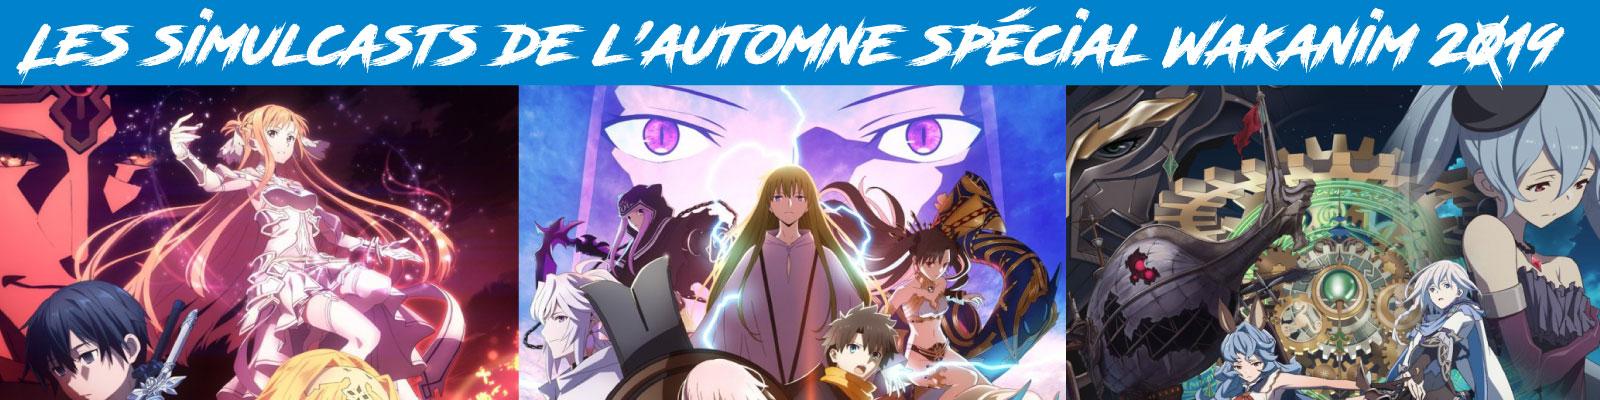 Les-simulcasts-de-l'automne-spécial-Wakanim-2019